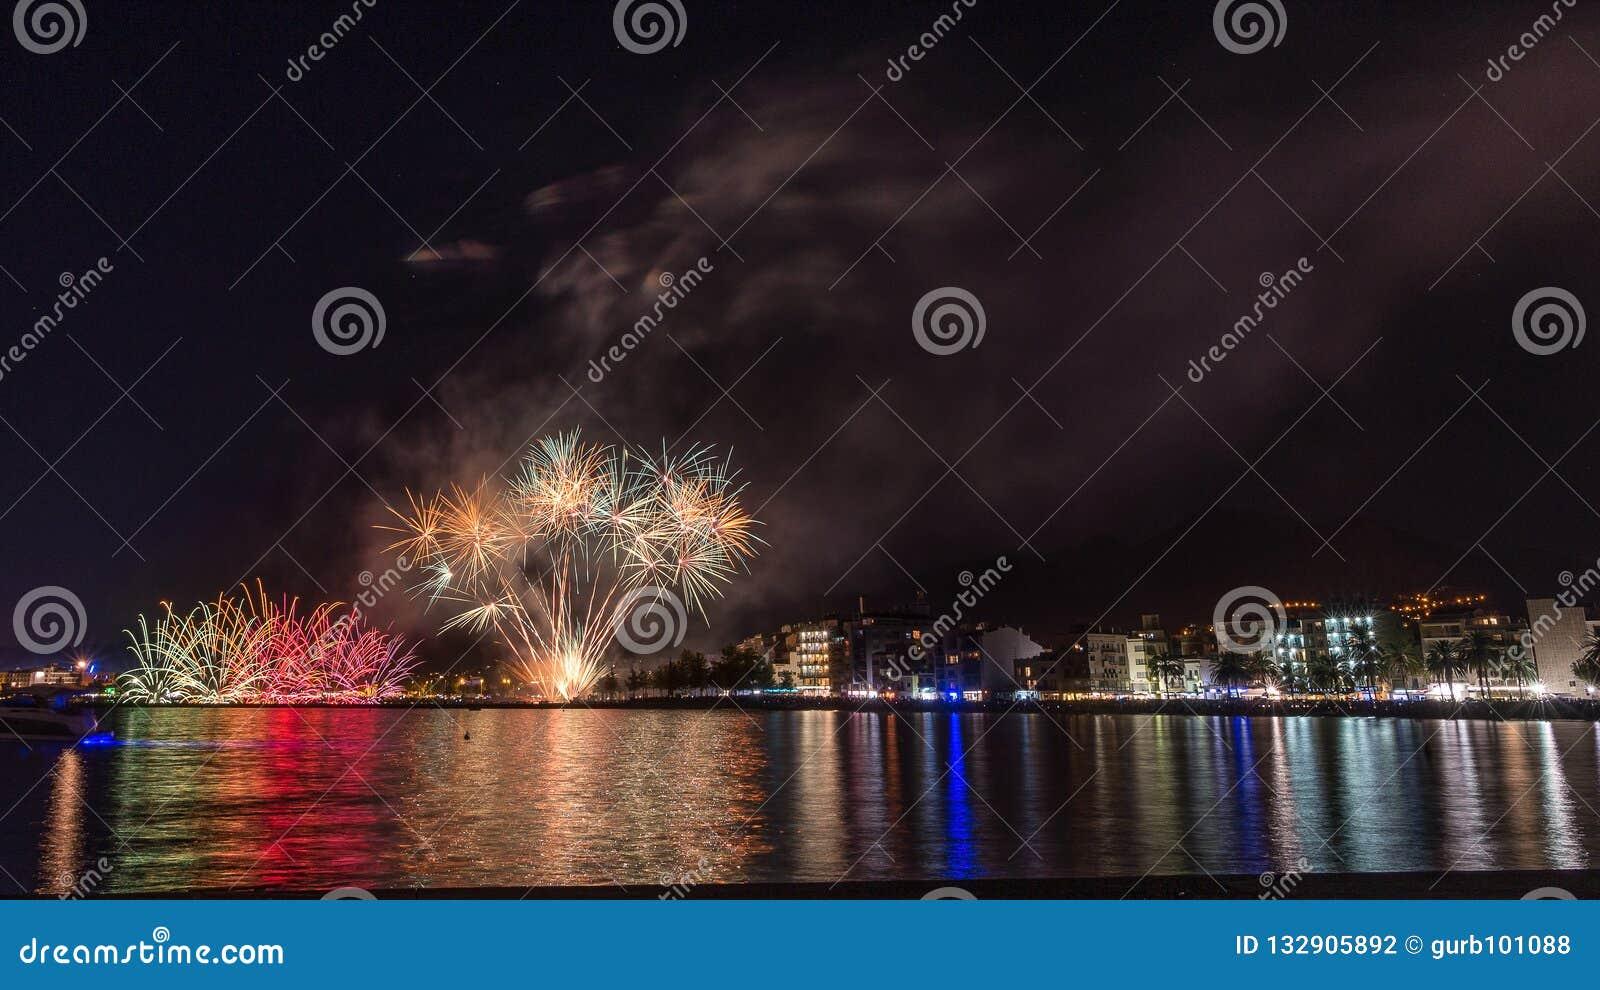 Feuerwerke, Feuerschloss in der Küste, Reflexion auf dem Meer nachts in den Rosen, Katalonien, Spanien